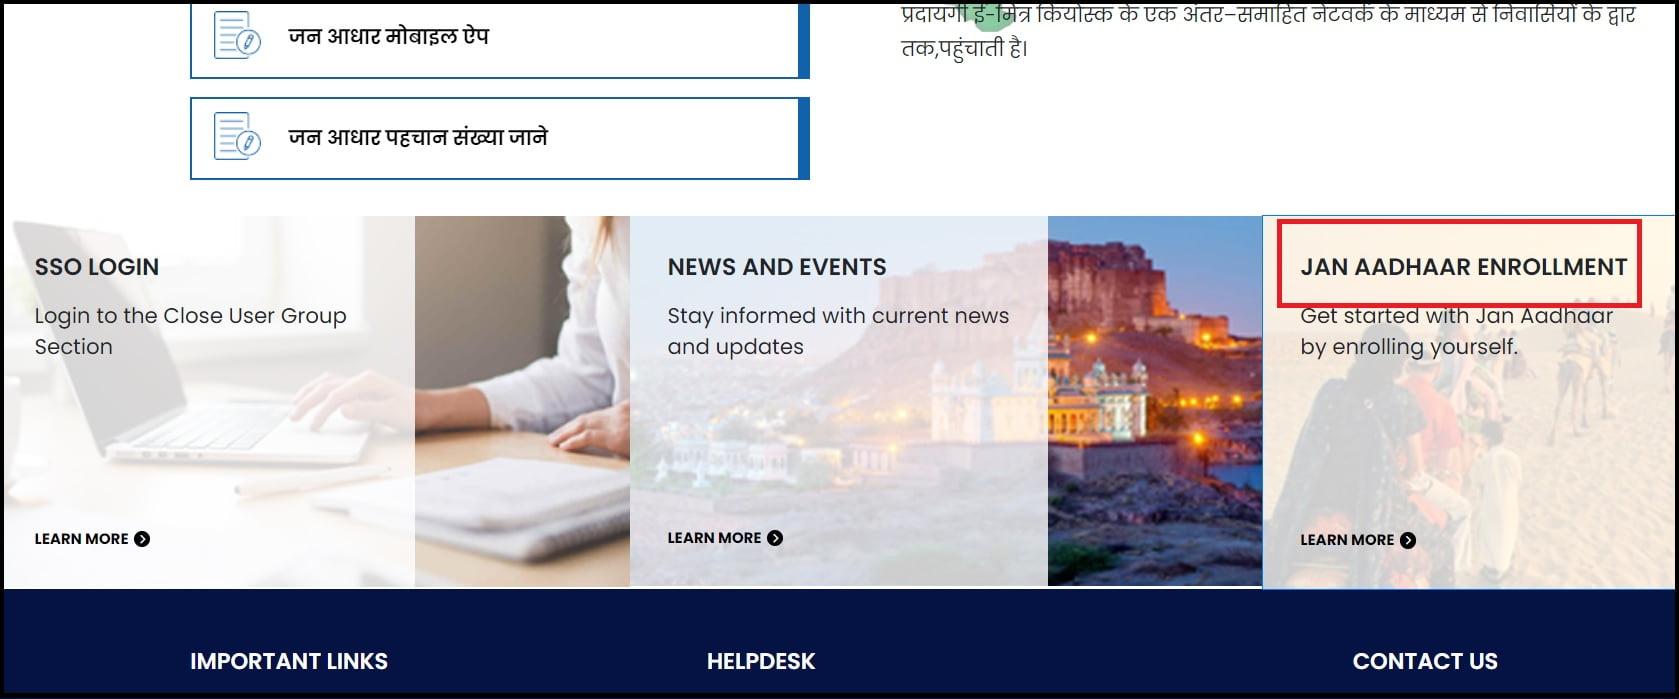 राजस्थान जन आधार कार्ड पंजीकरण